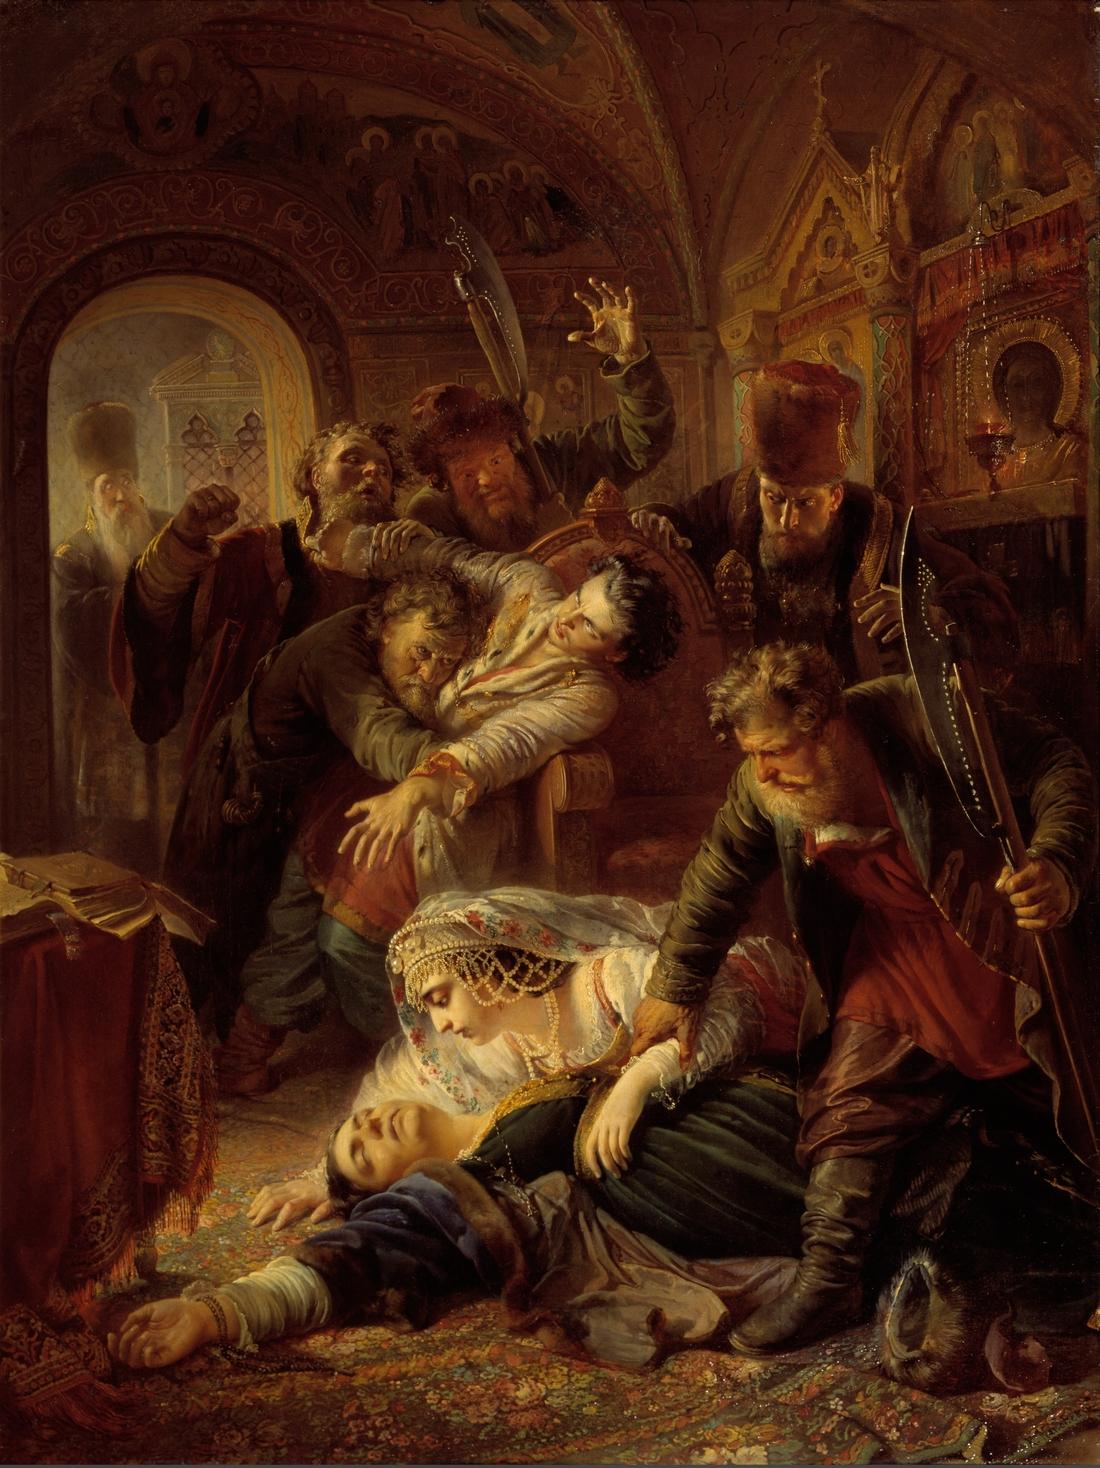 Картины русской истории смотреть фото